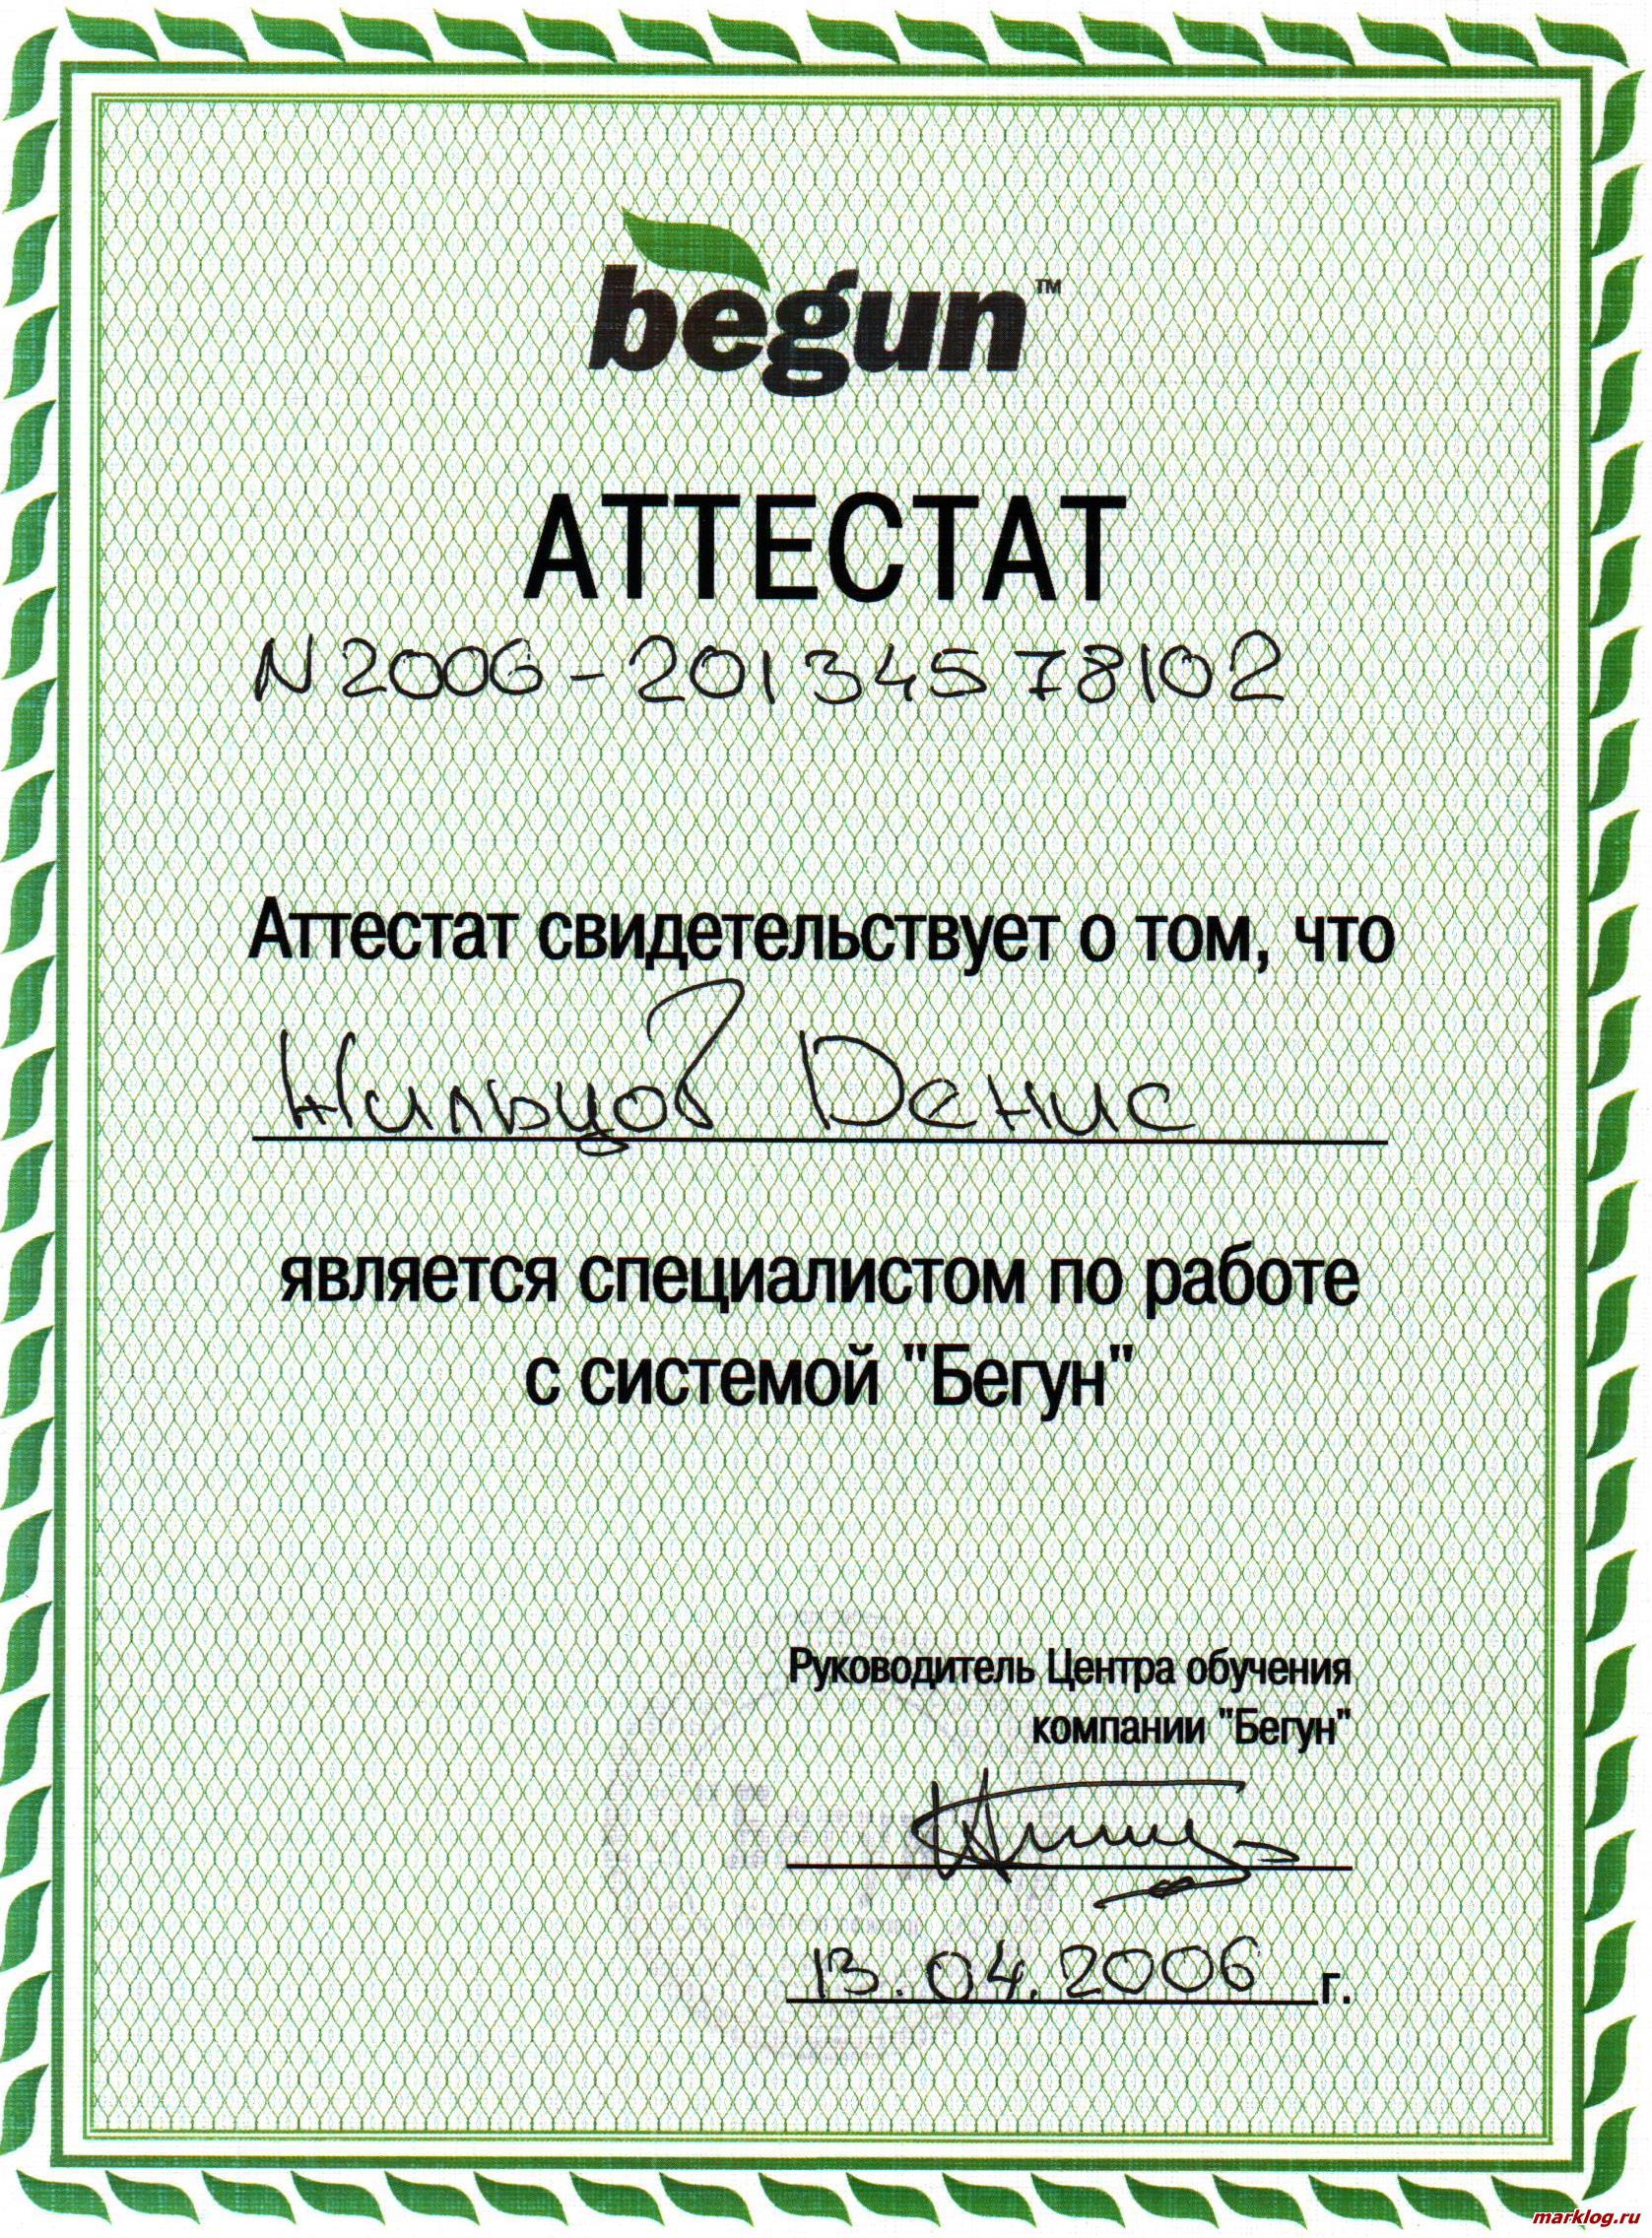 Сертификат Бегун